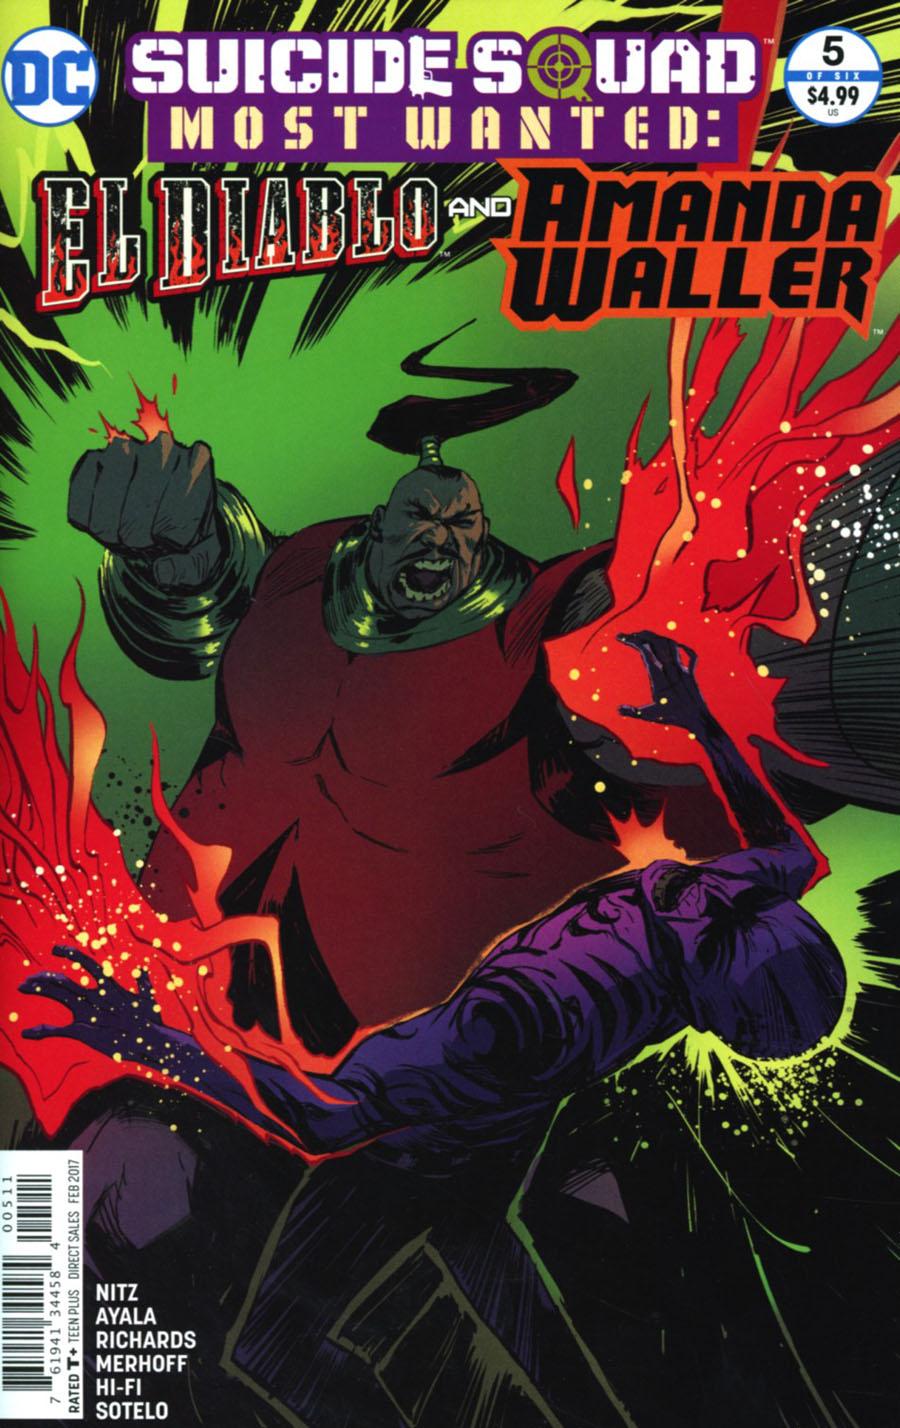 Suicide Squad Most Wanted El Diablo & Amanda Waller #5